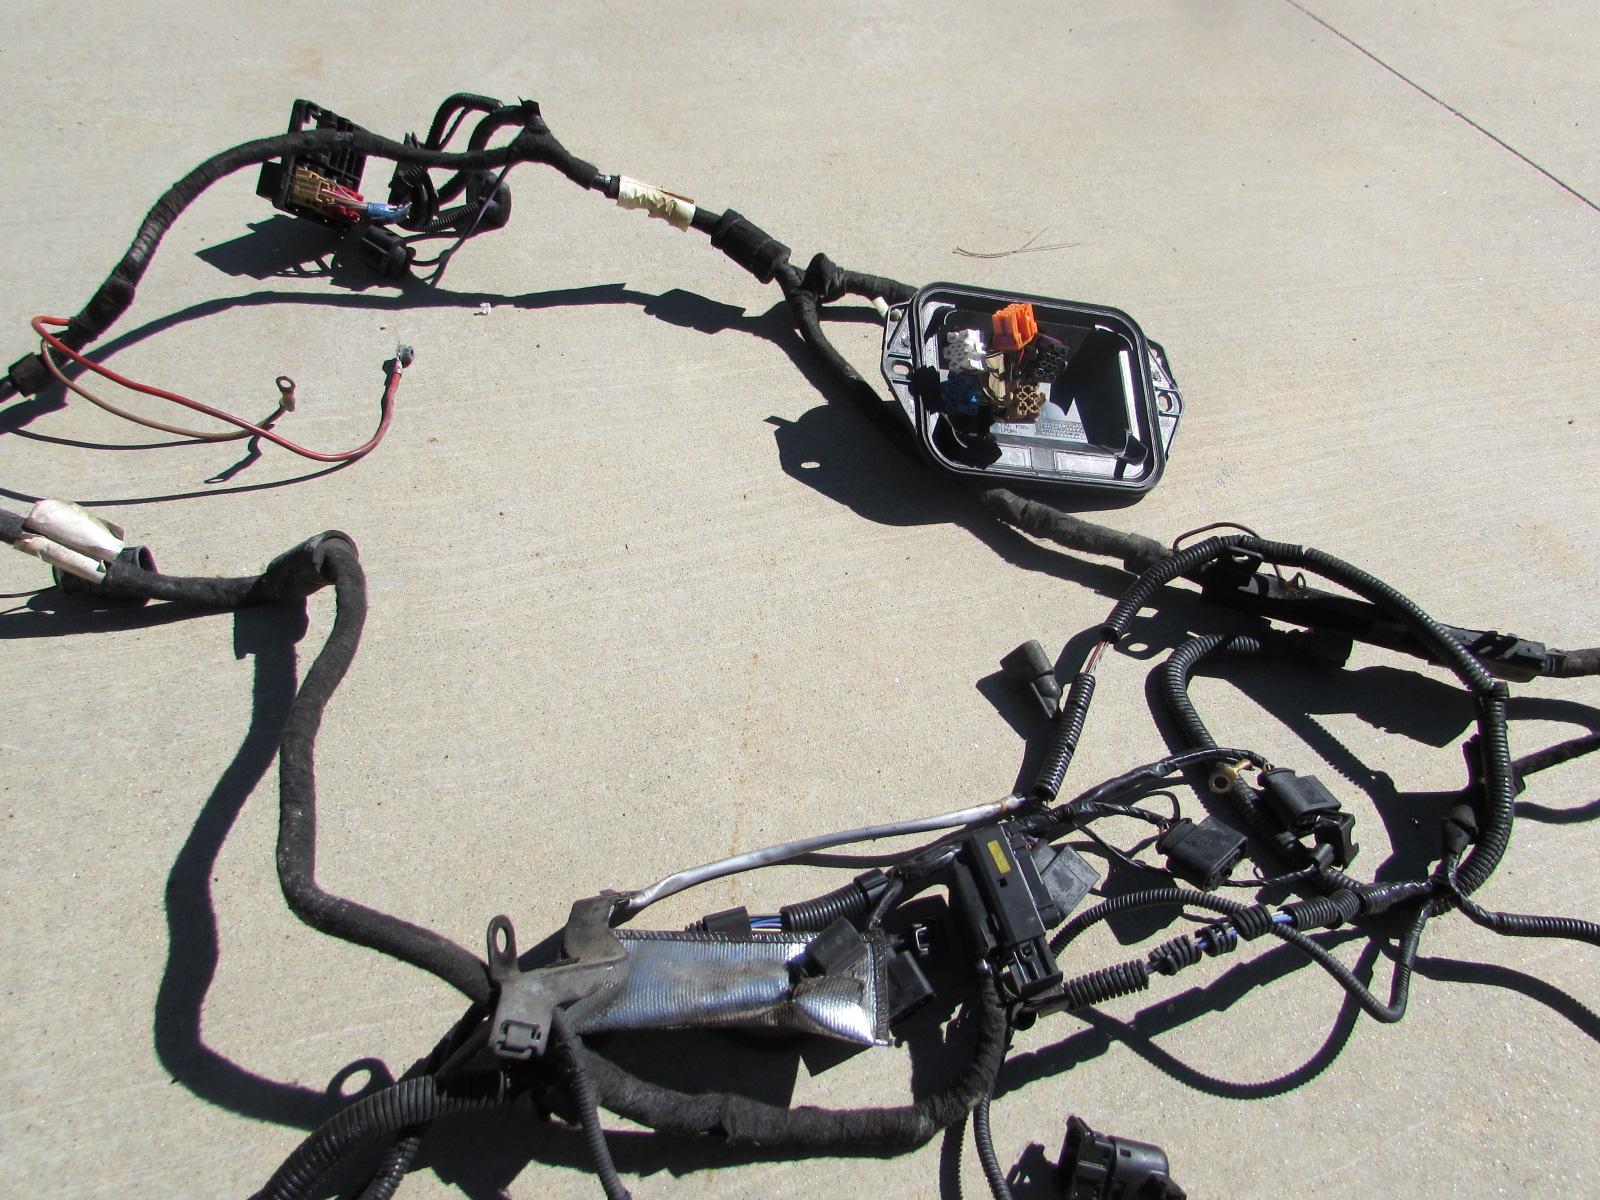 Audi TT MK1 8N Engine Wiring Harness 036971627DB - Hermes Auto Parts | Audi Tt Dashboard Wiring Harness |  | Hermes Auto Parts